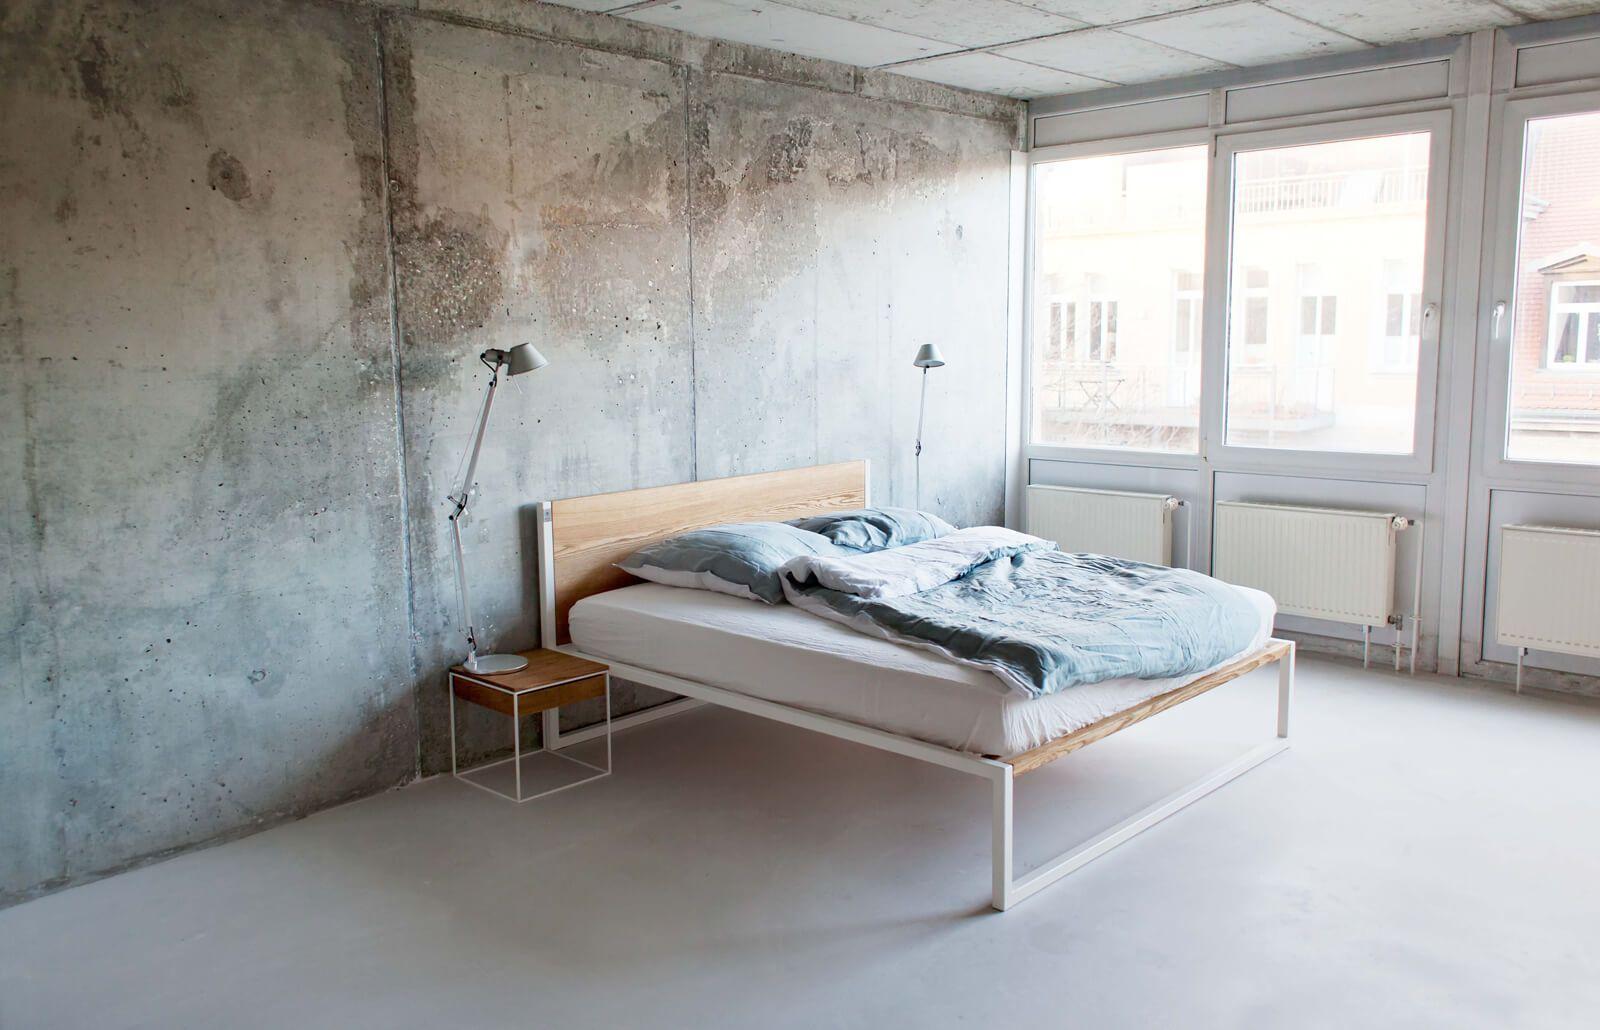 B18 Esche Designerbett Aus Massivholz Und Stahl N51e12 Design Manufacture Designer Bett Design Beistelltisch Hausmobel